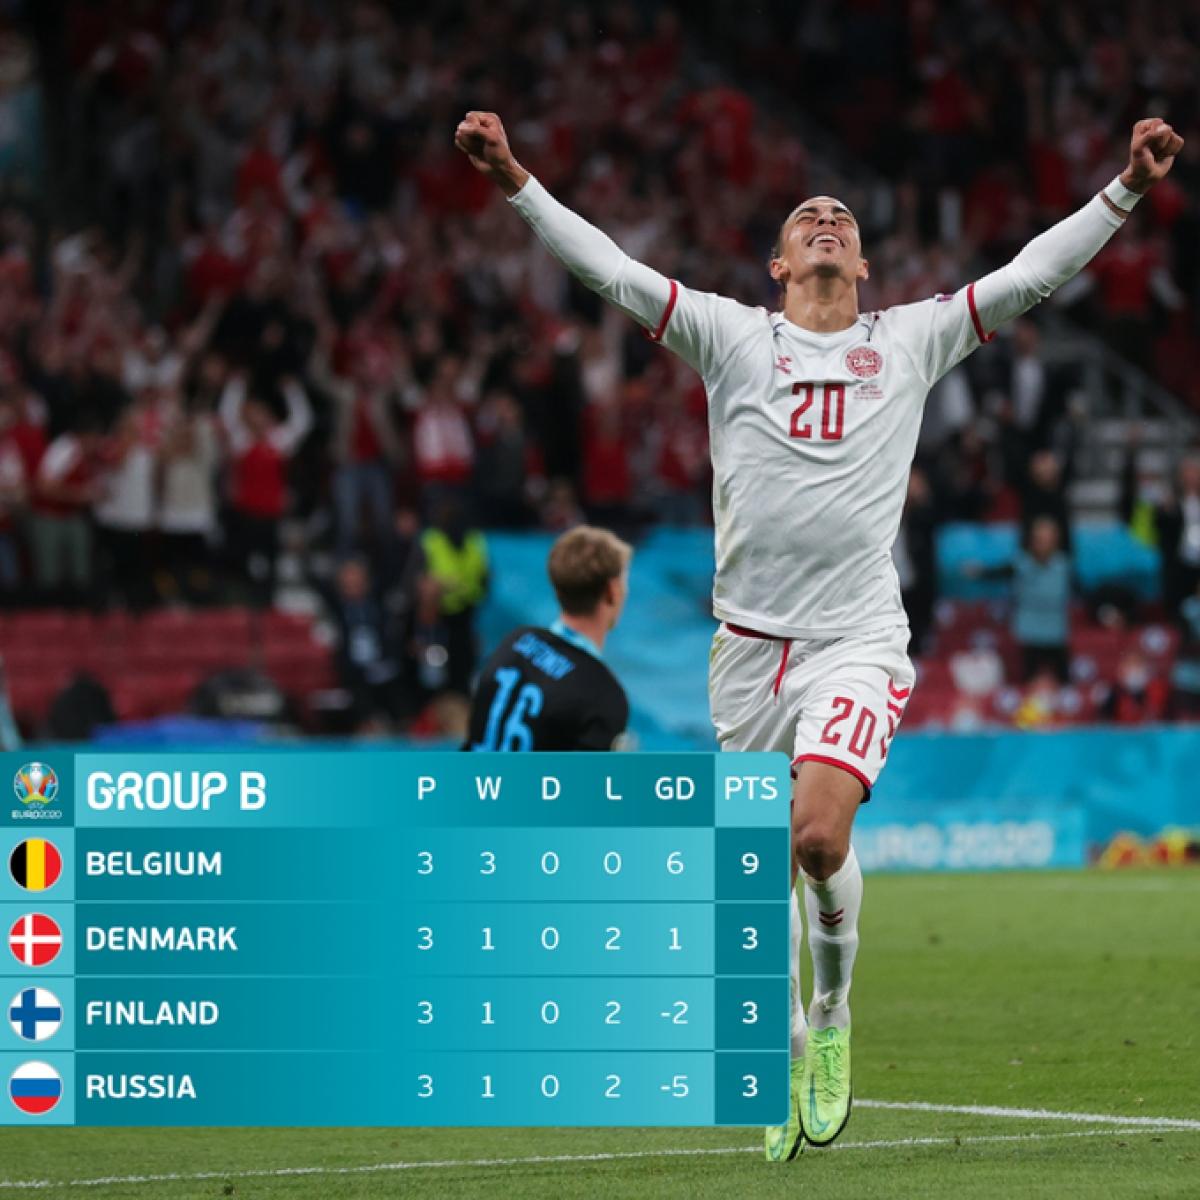 Bỉ, Đan Mạch đã giành vé đi tiếp tại bảng B. (Ảnh: UEFA)